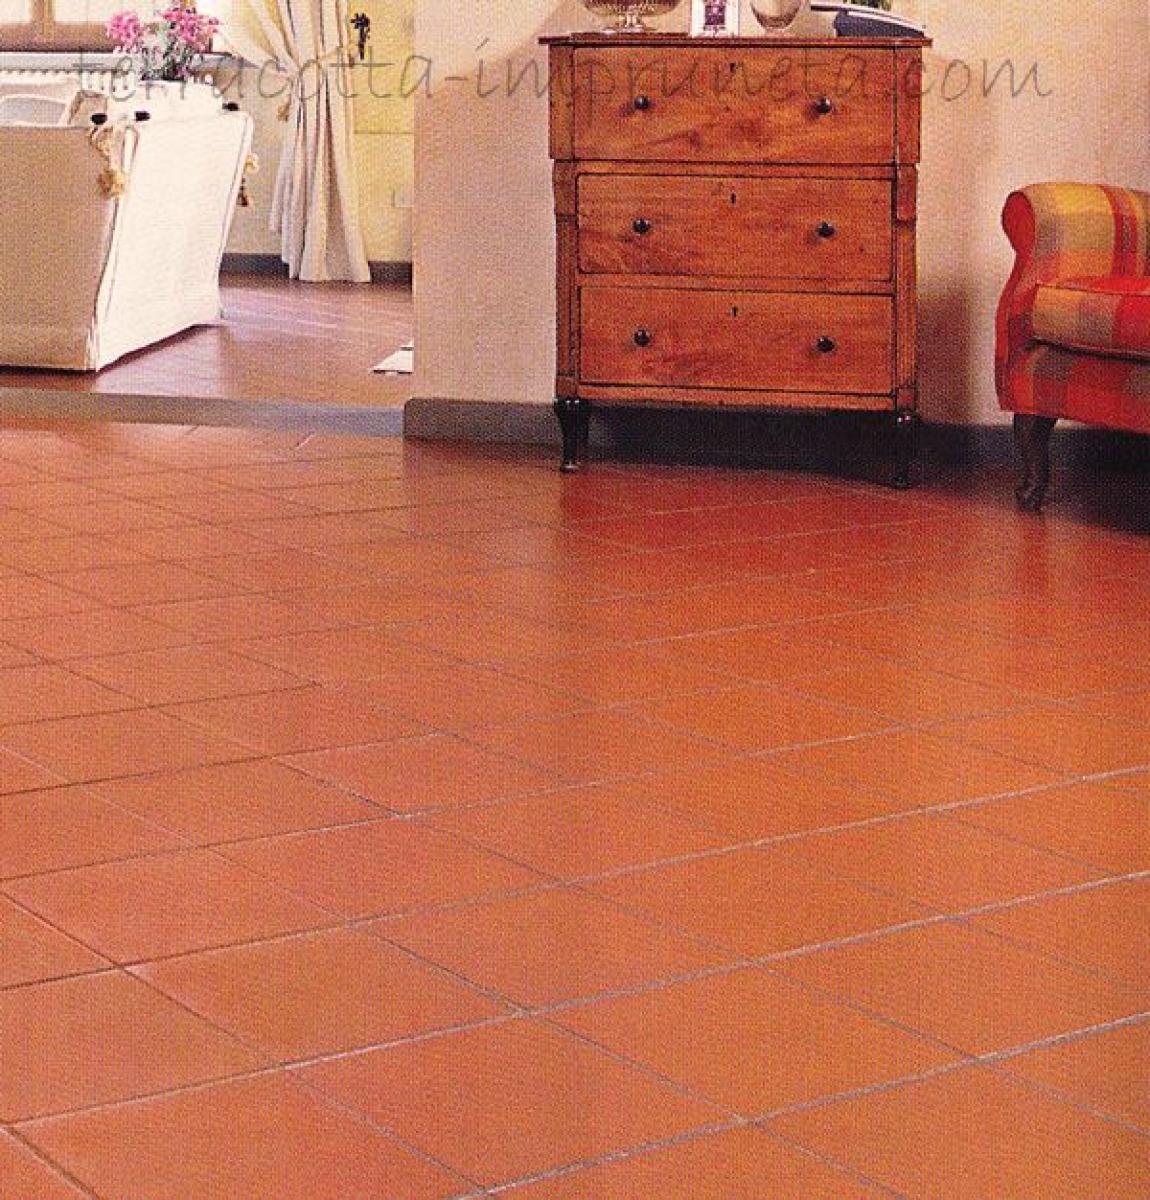 Termühlen Terracotta Impruneta Terracotta Fliese gewachst